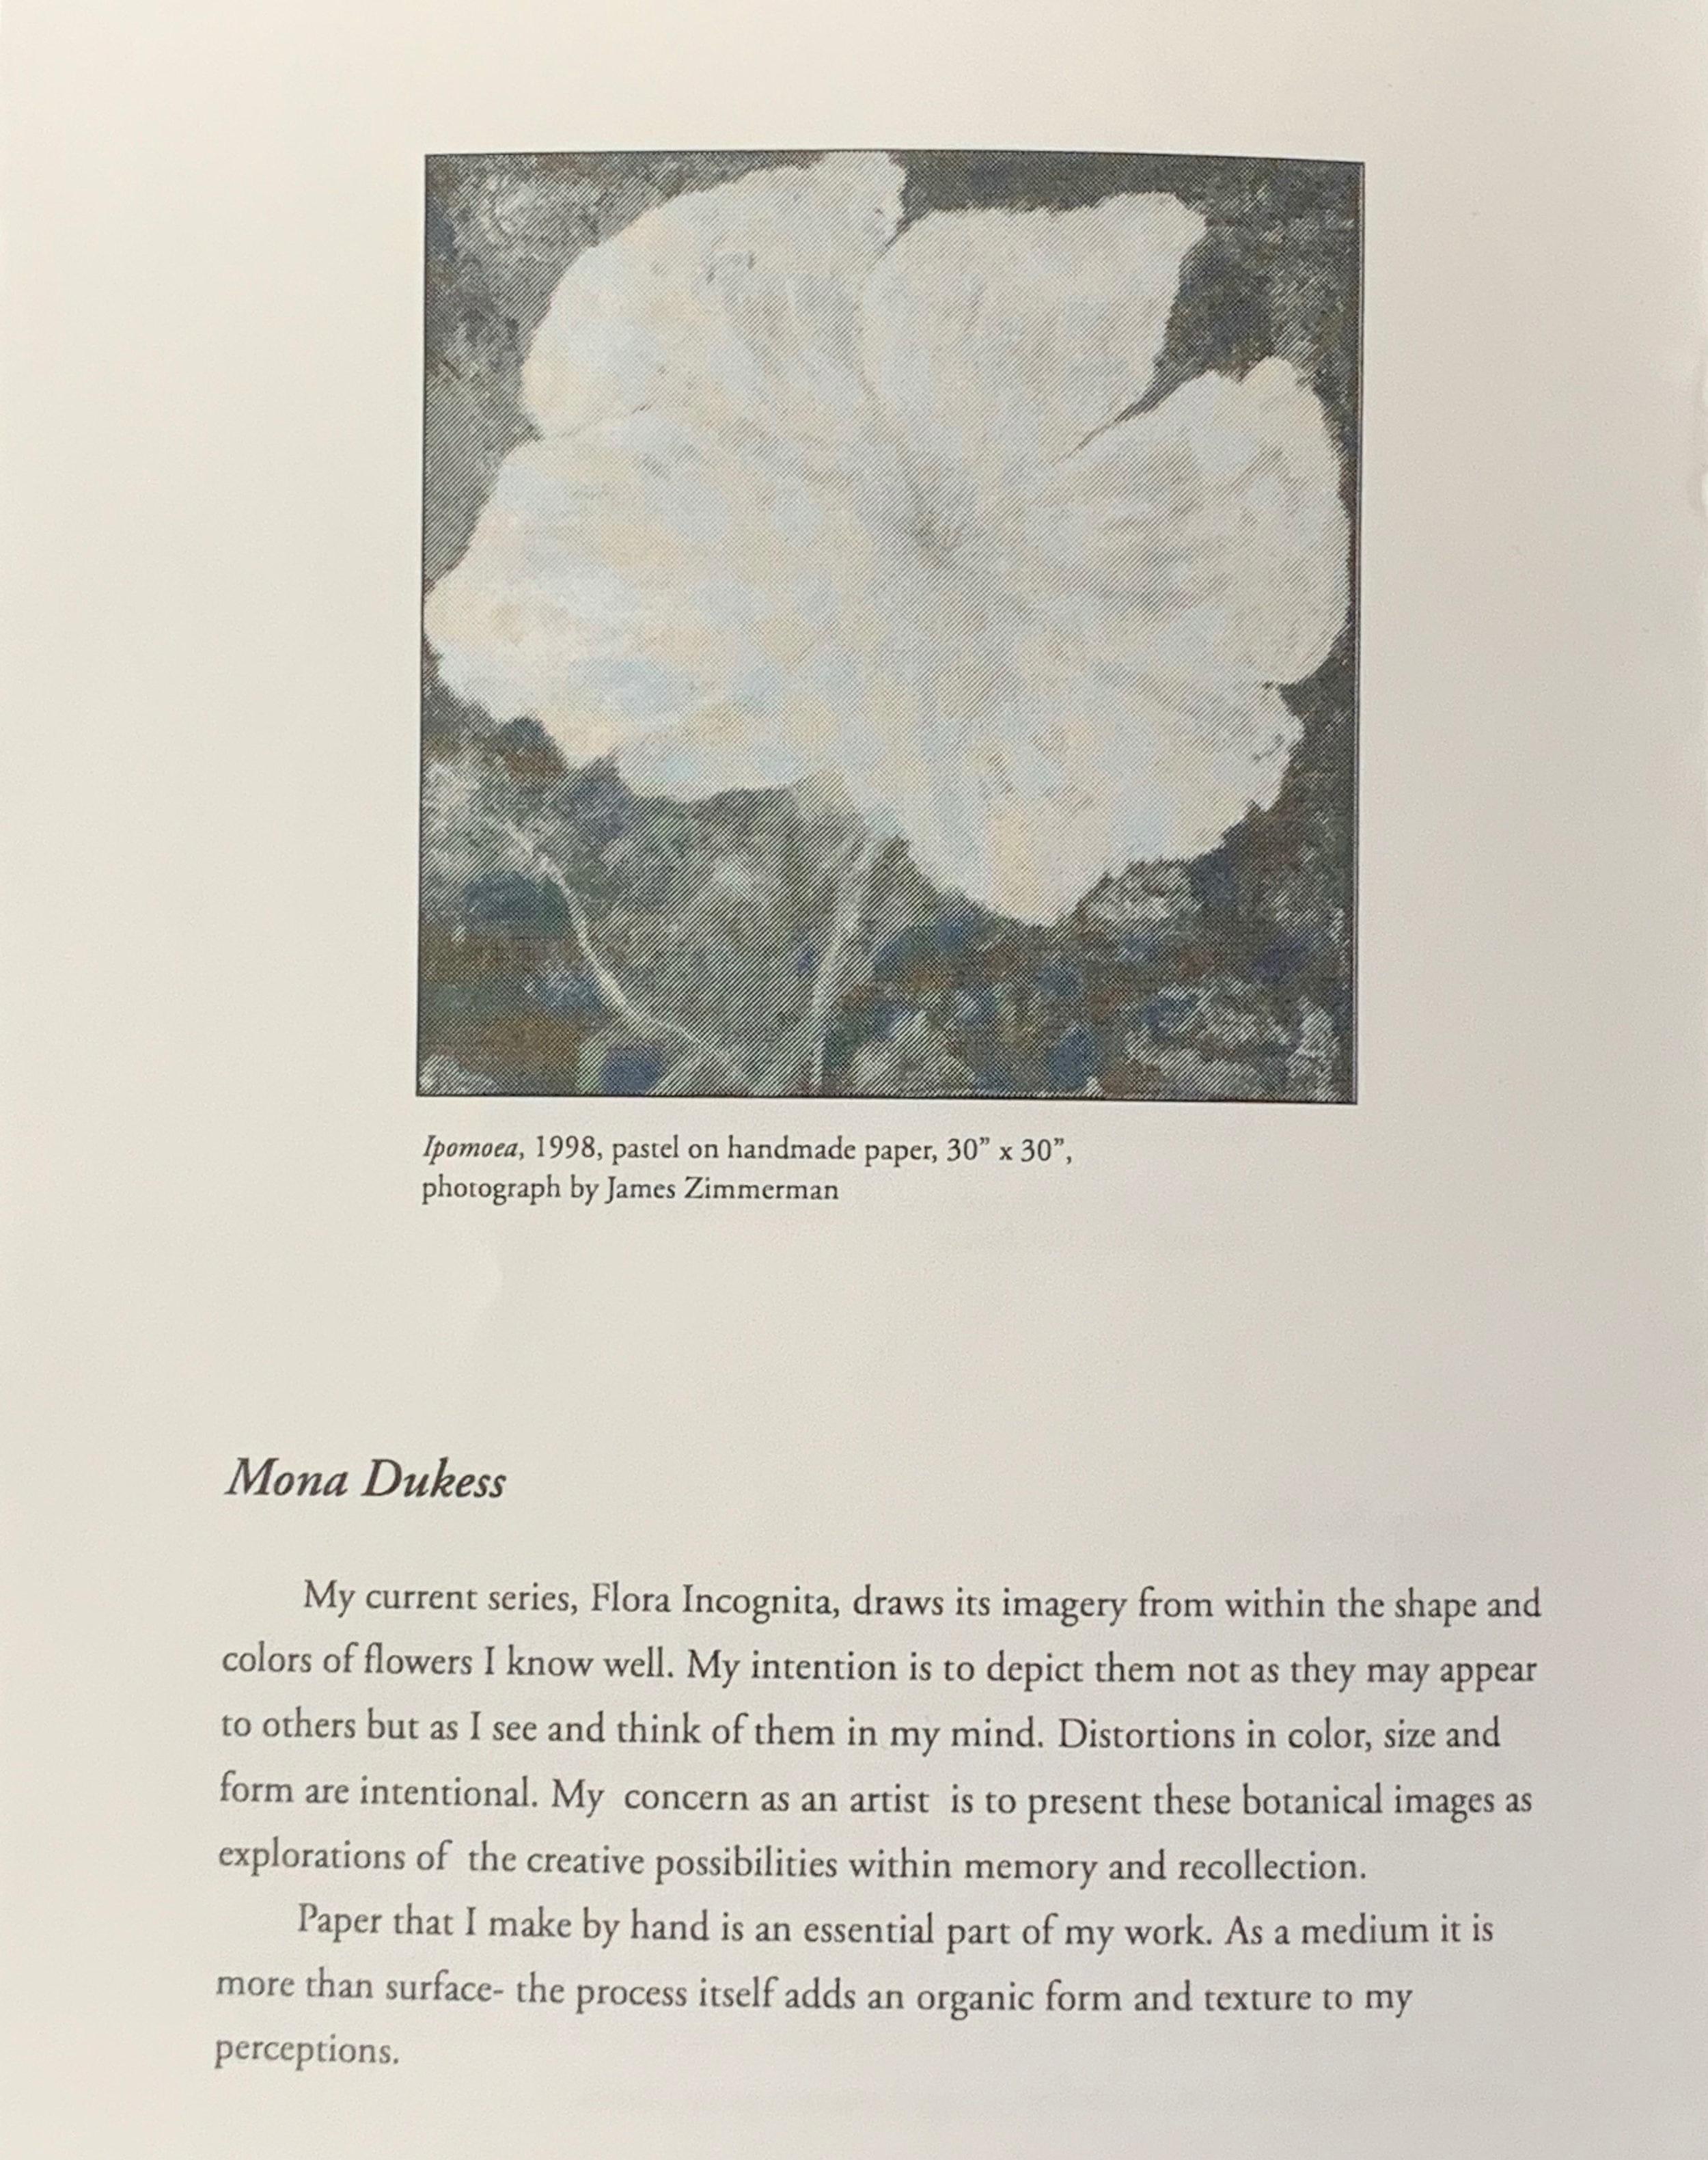 Botanica+Dukess.jpg